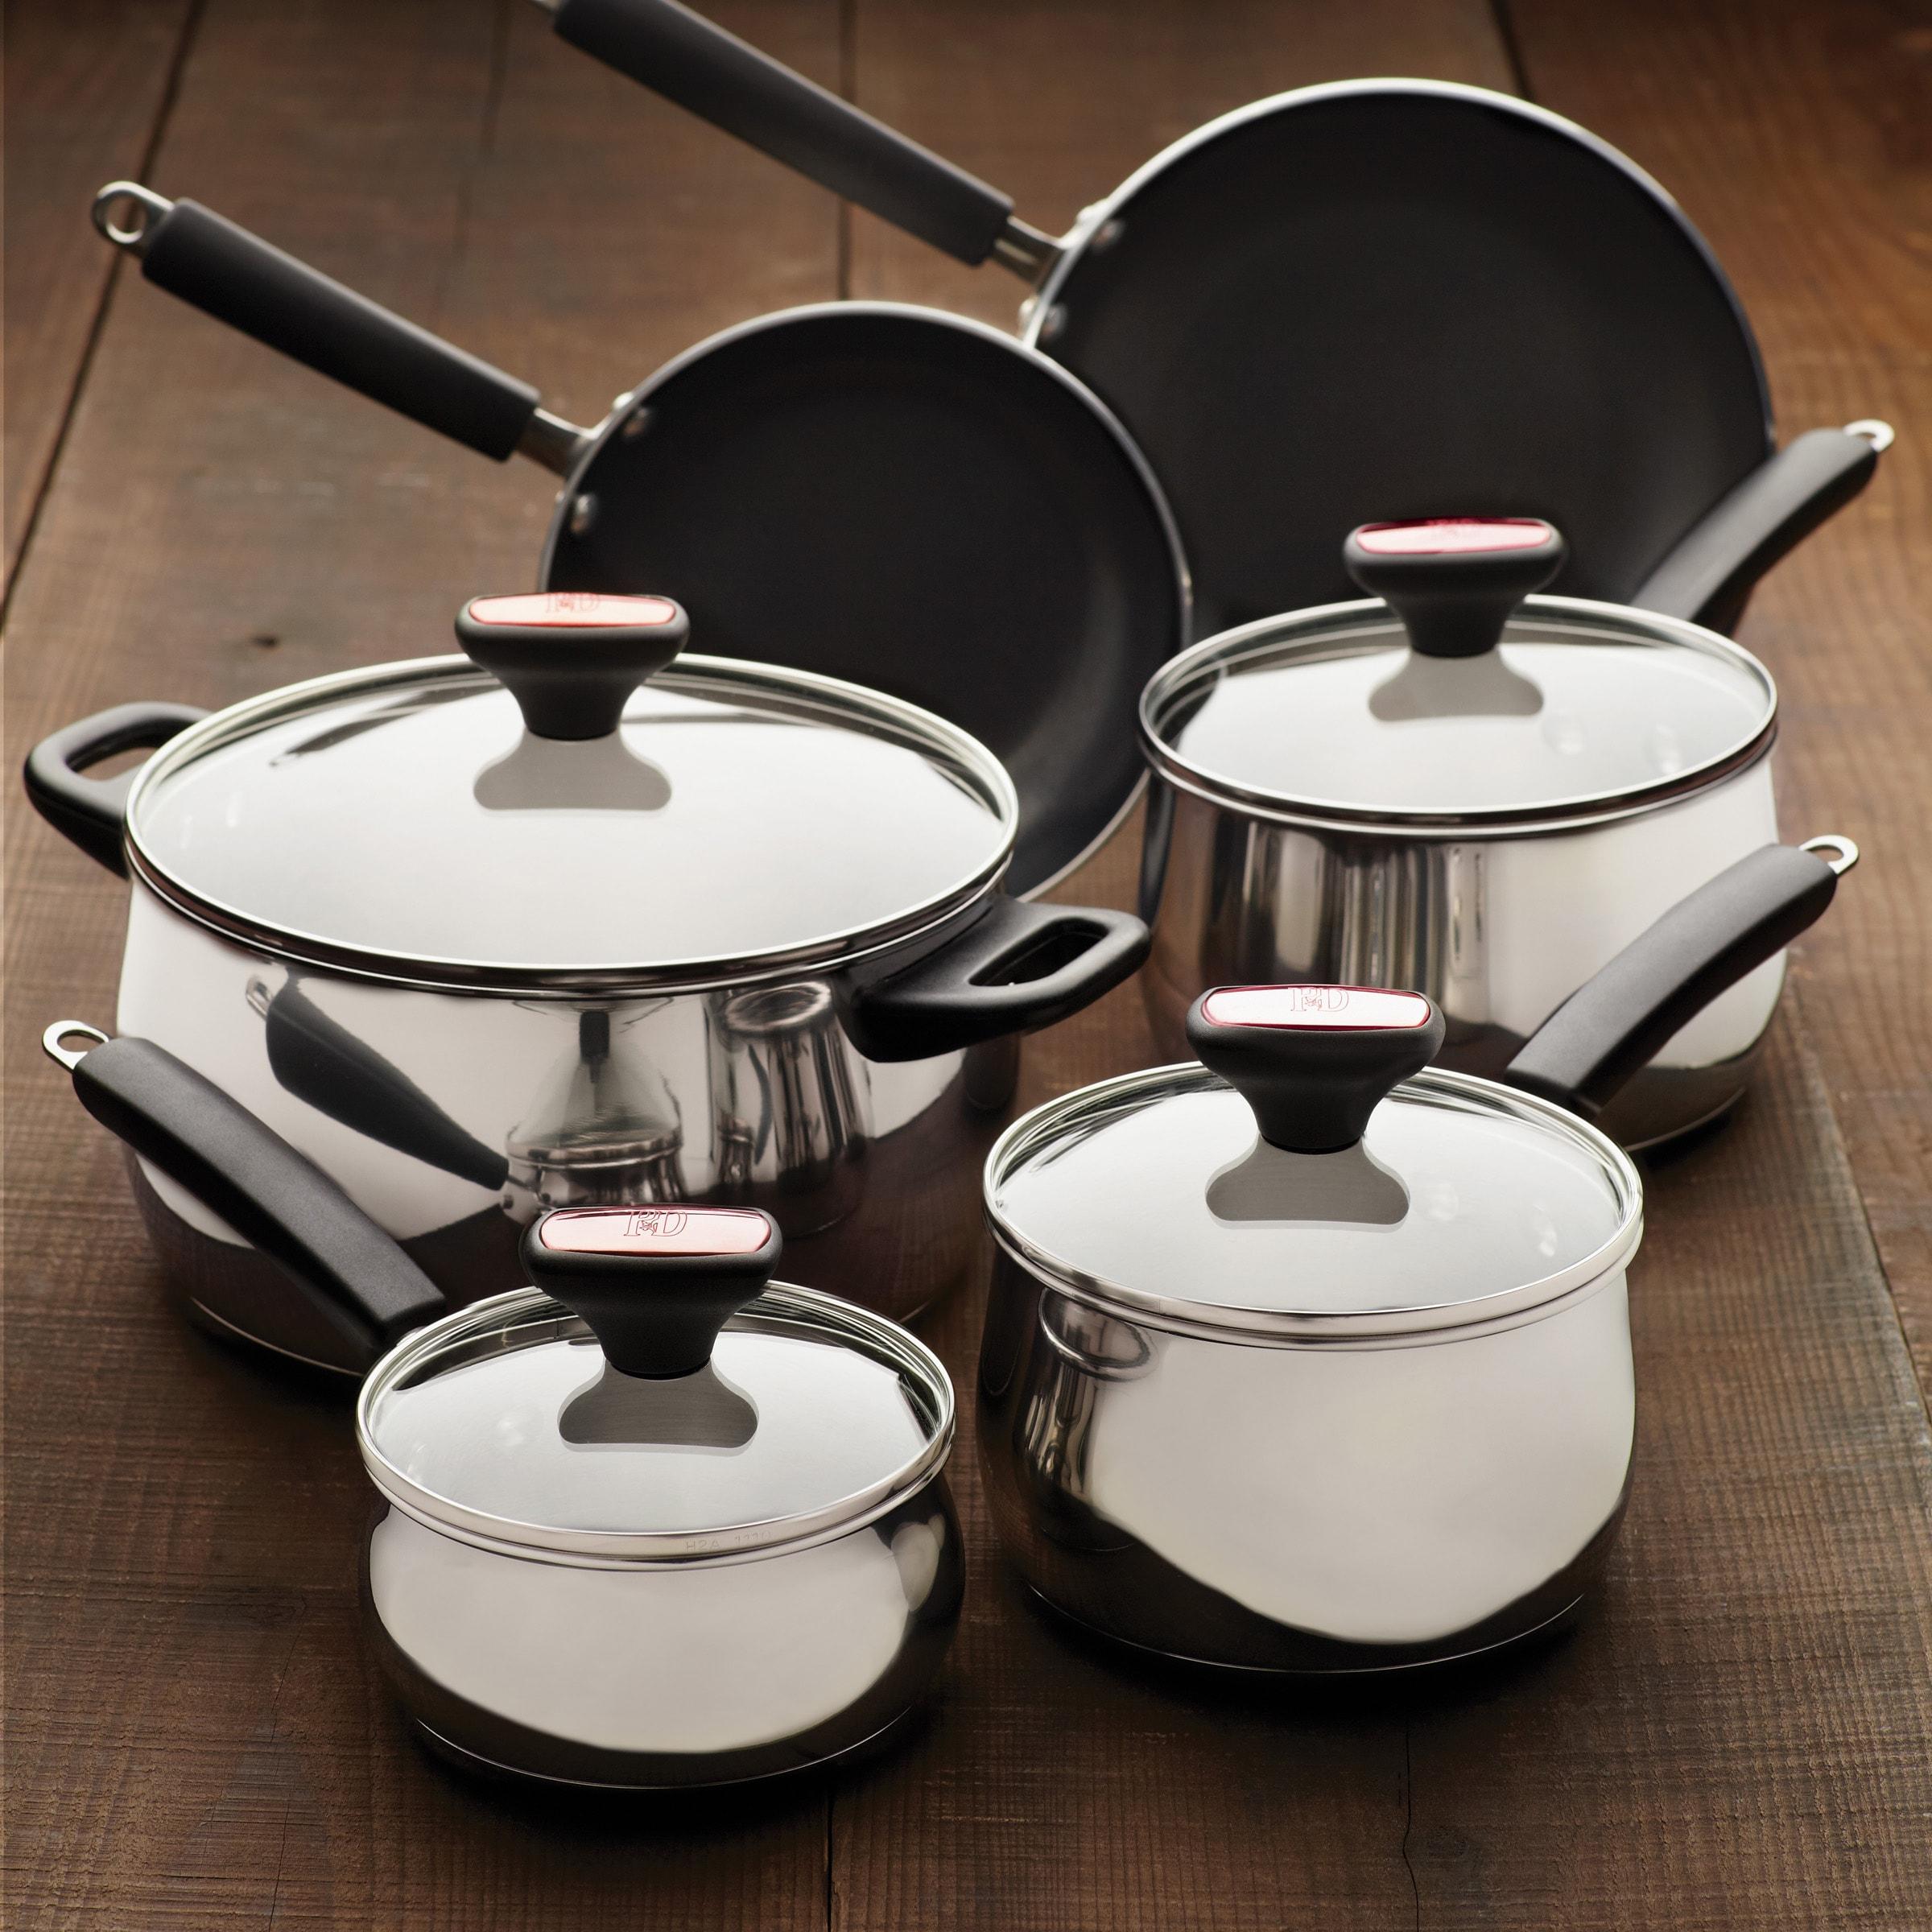 PAULA Deen Signature 12-piece Stainless Steel Cookware Se...